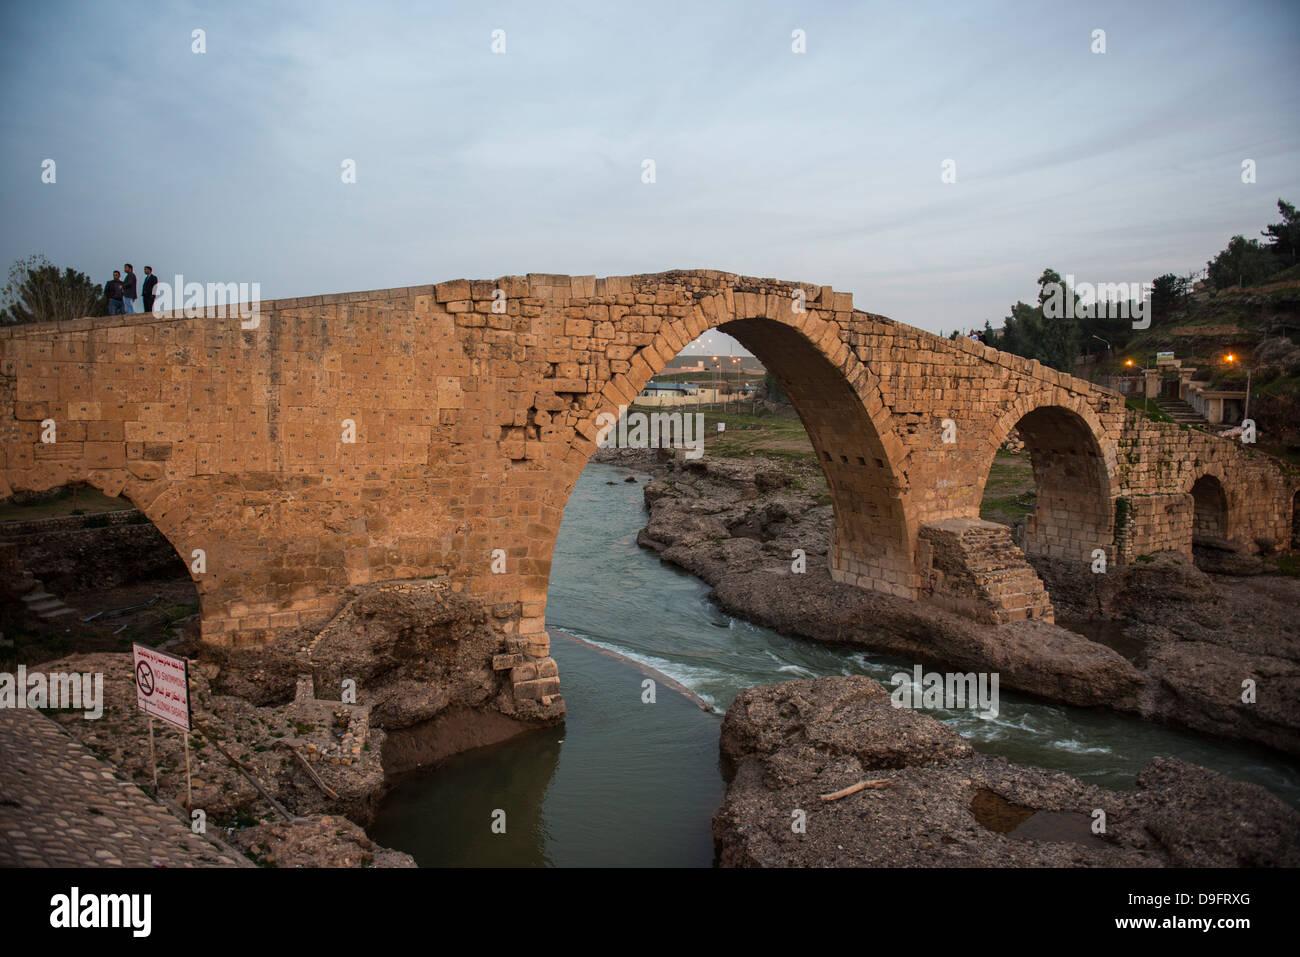 El Dalai puente desde la época de los Abásidas en Zakho, en la frontera de Turquía, Kurdistán Imagen De Stock